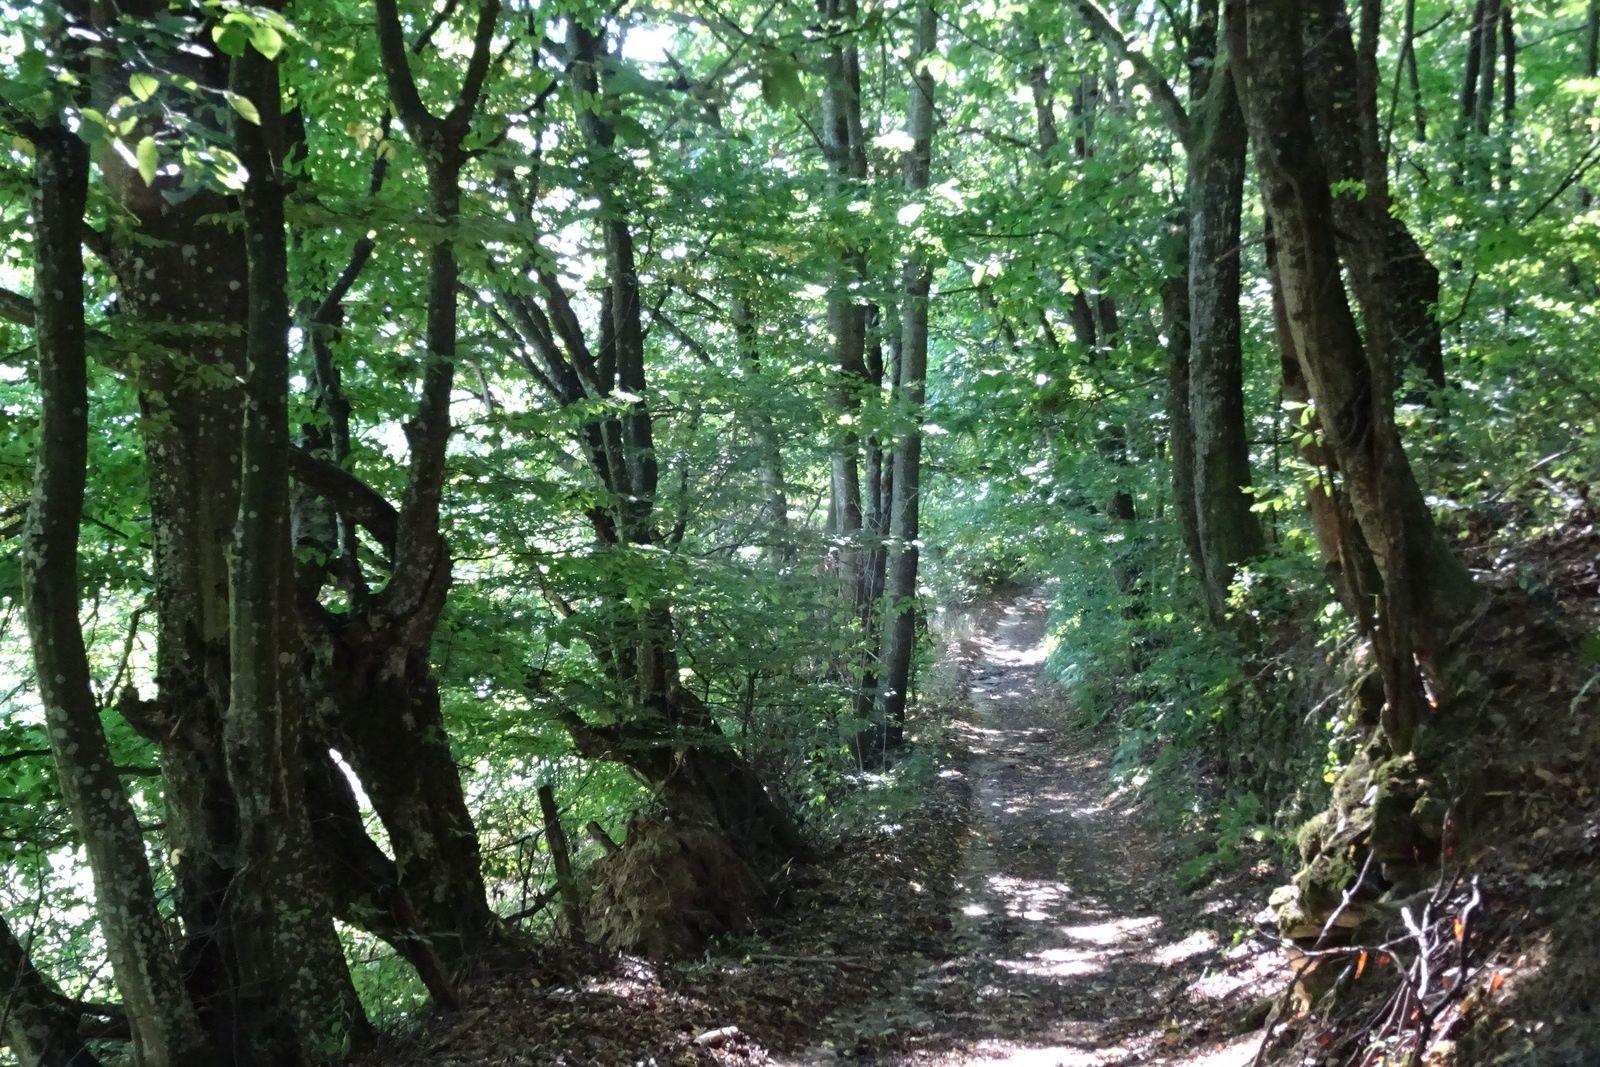 Les sentiers en sous-bois sont magnifiques, les orages en ont ruiné certains aussi bien à la descente qu'à la montée, il faut rester vigilant.